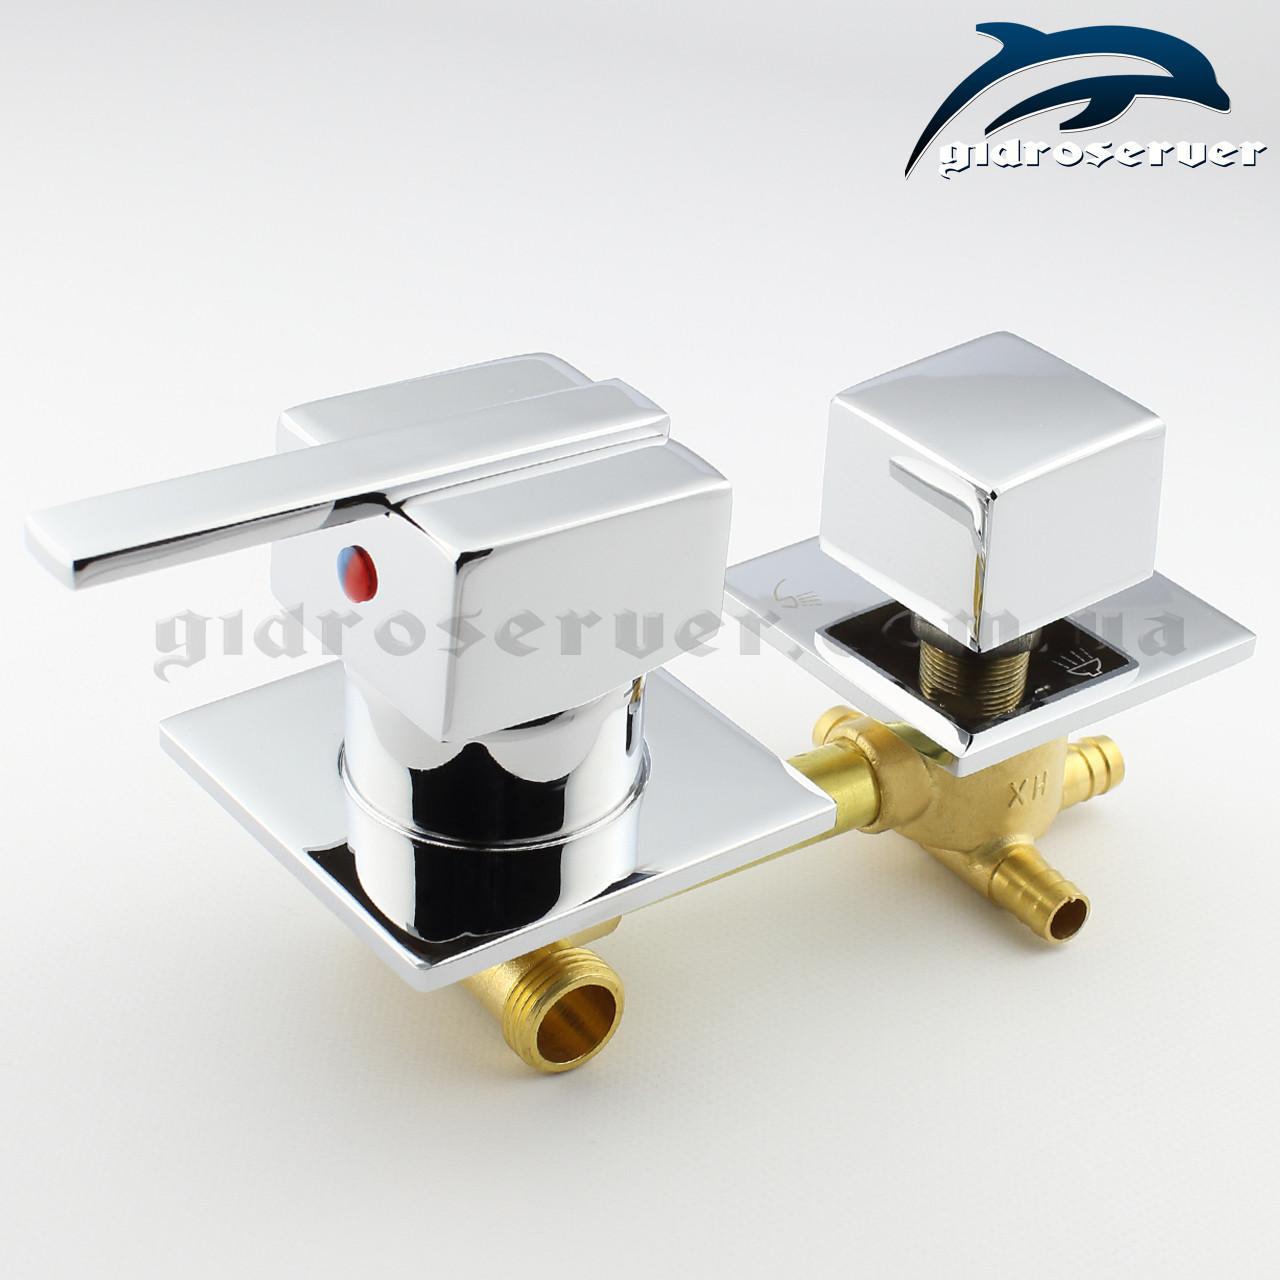 Смеситель для душевой кабины, гидромассажного бокса SK 3 - 100 мм.